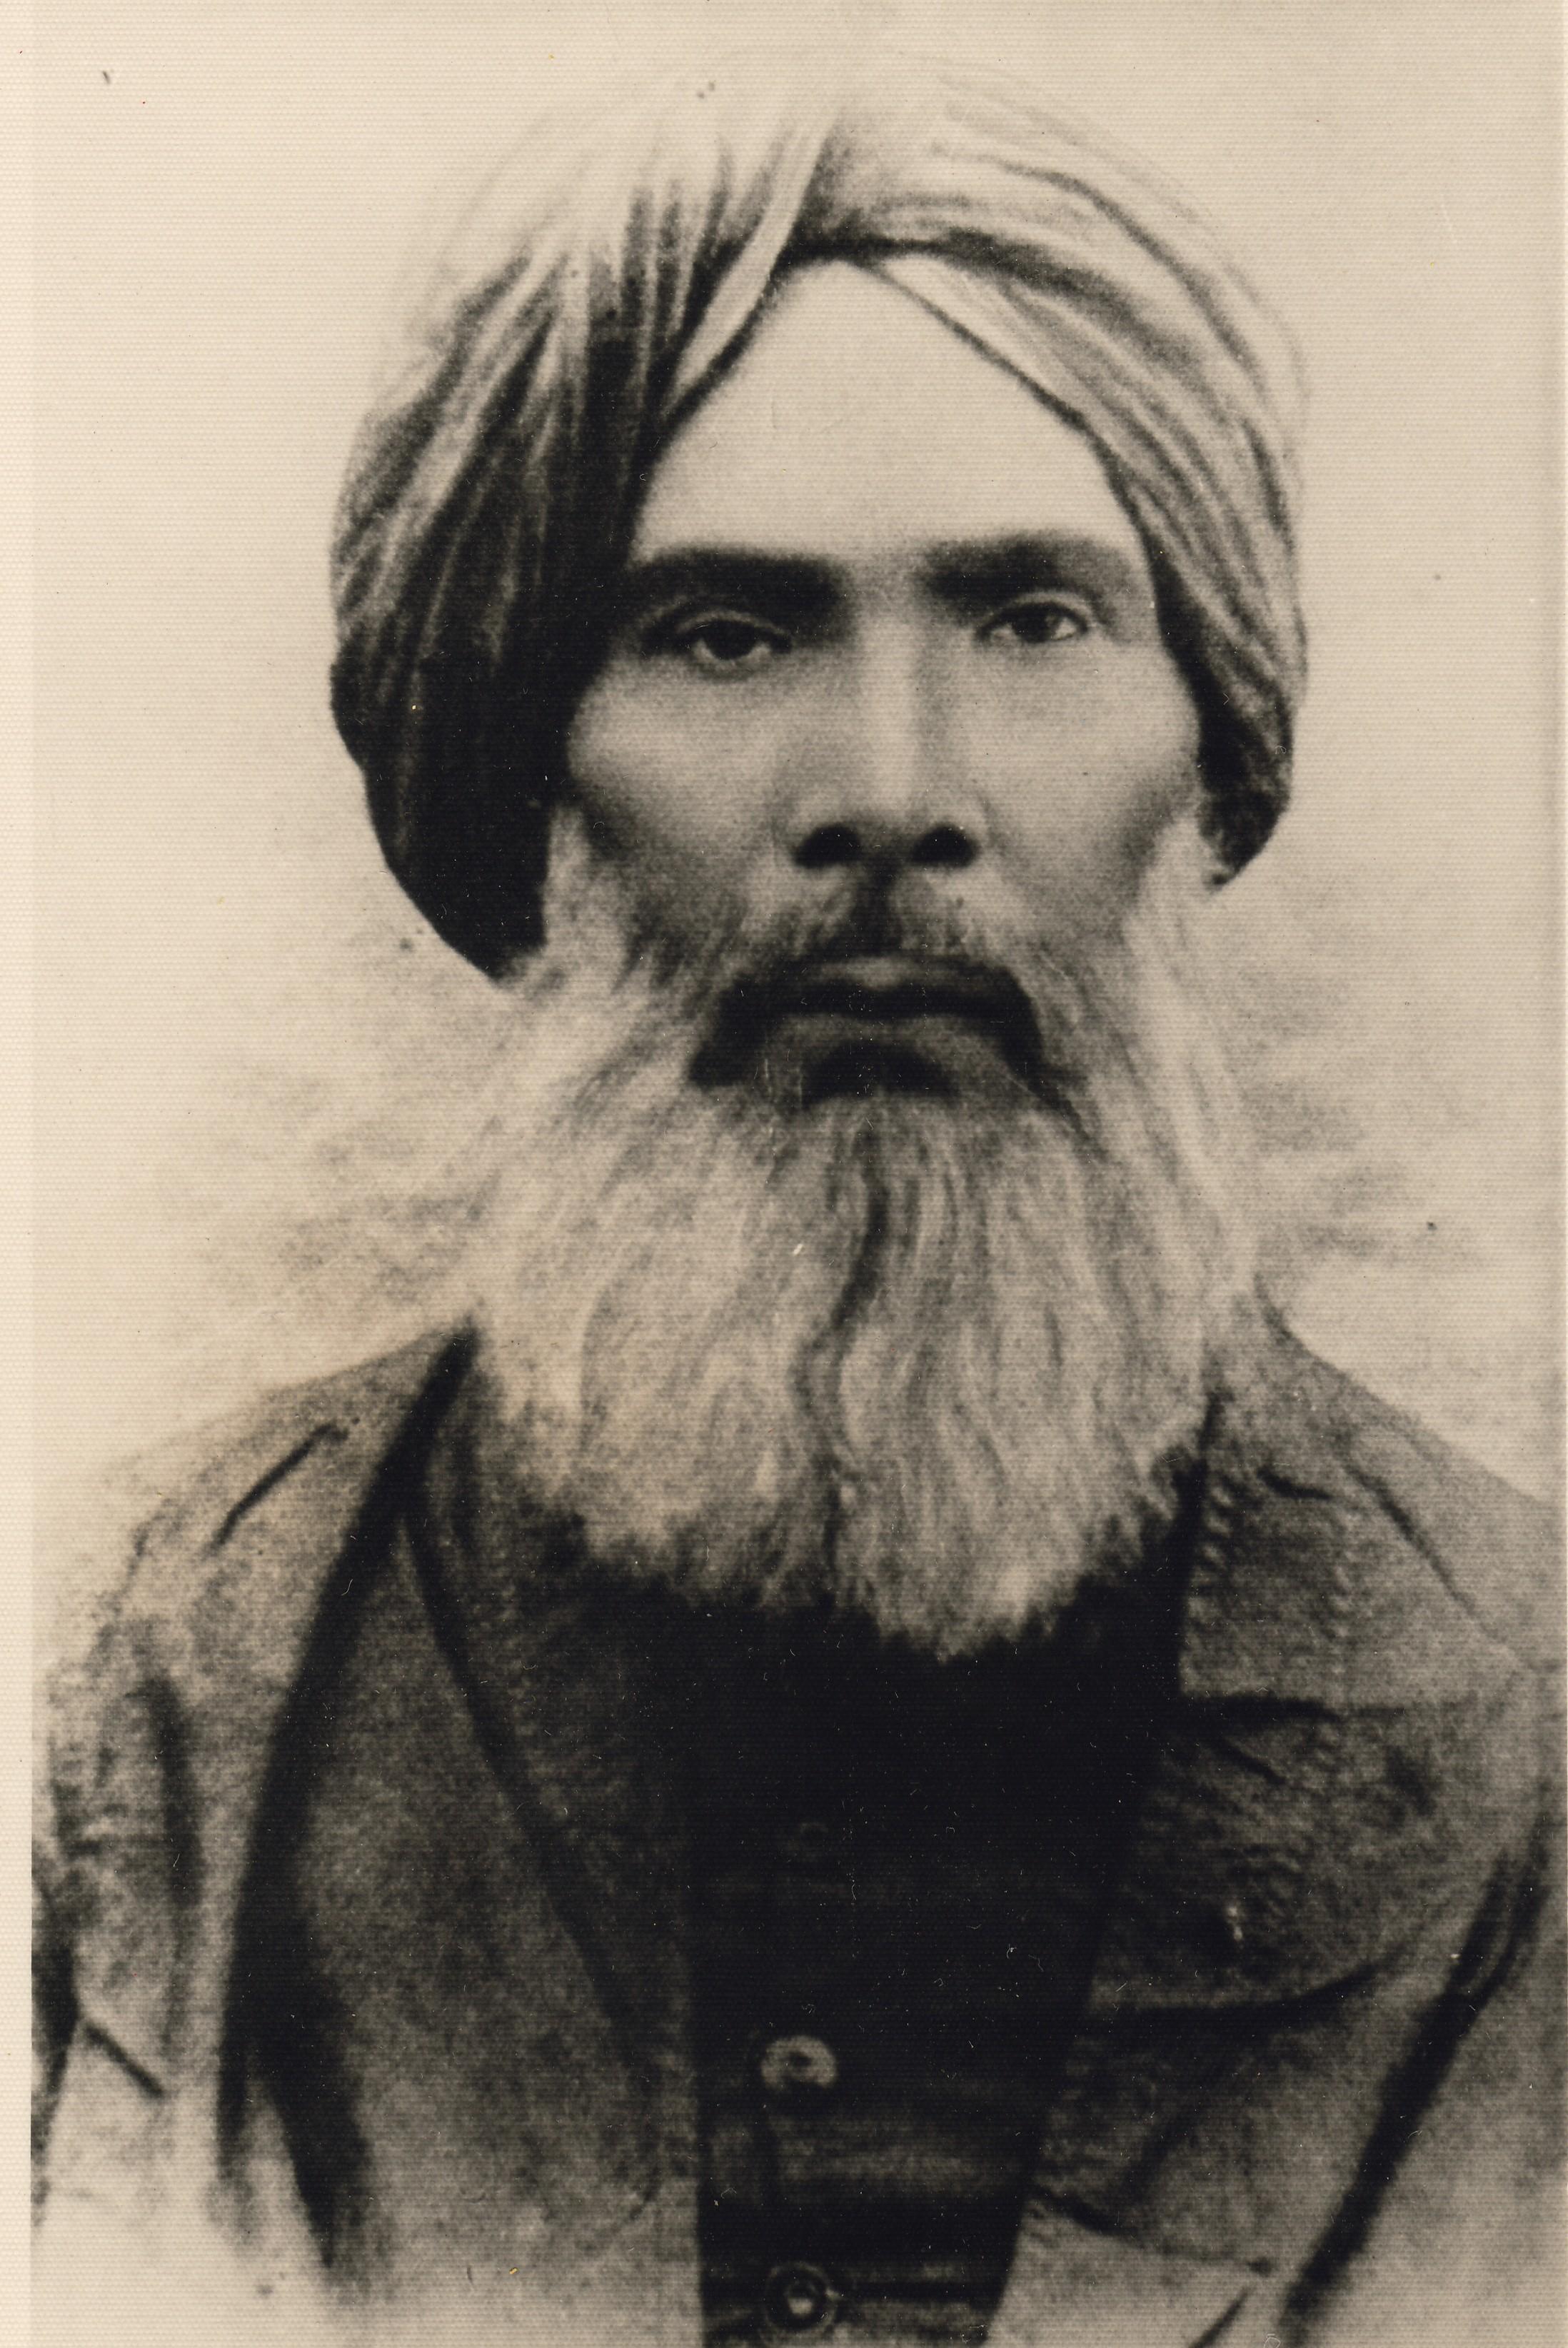 Amir Meenai - Wikipedia